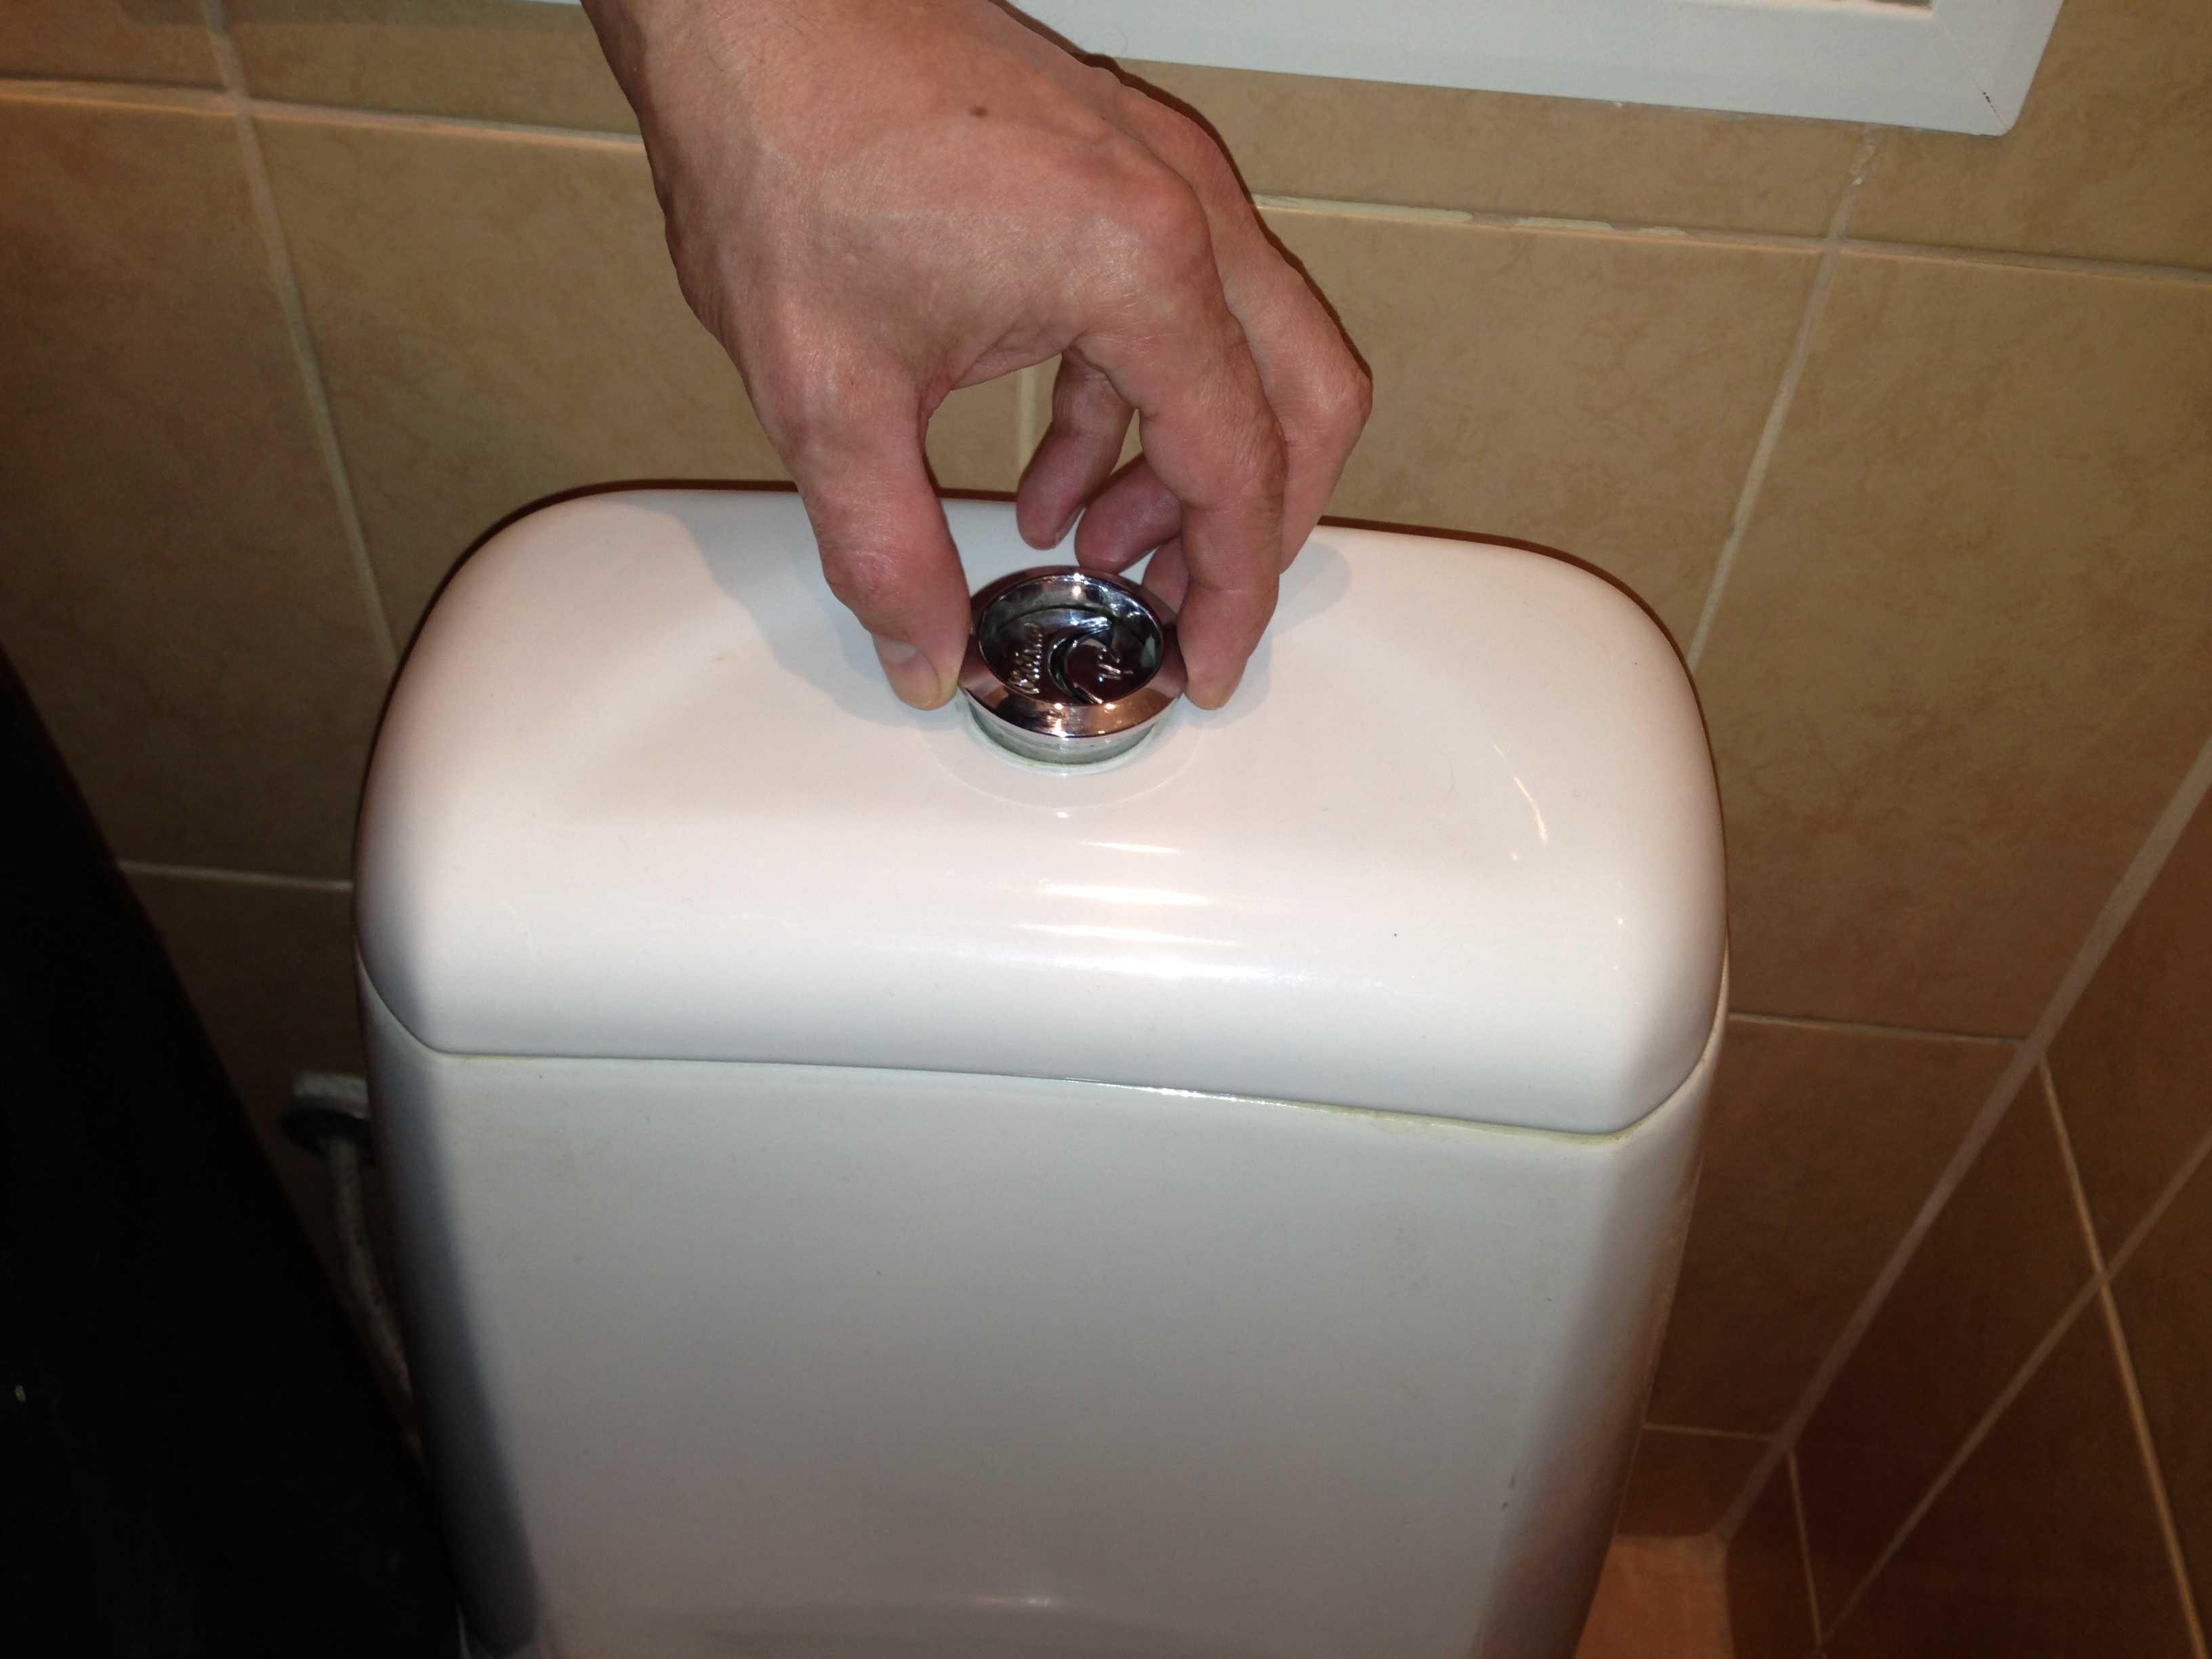 Как открыть бачок унитаза с двойной кнопкой. как разобрать сливной бачок унитаза: инструктаж по работе с различными конструкциями